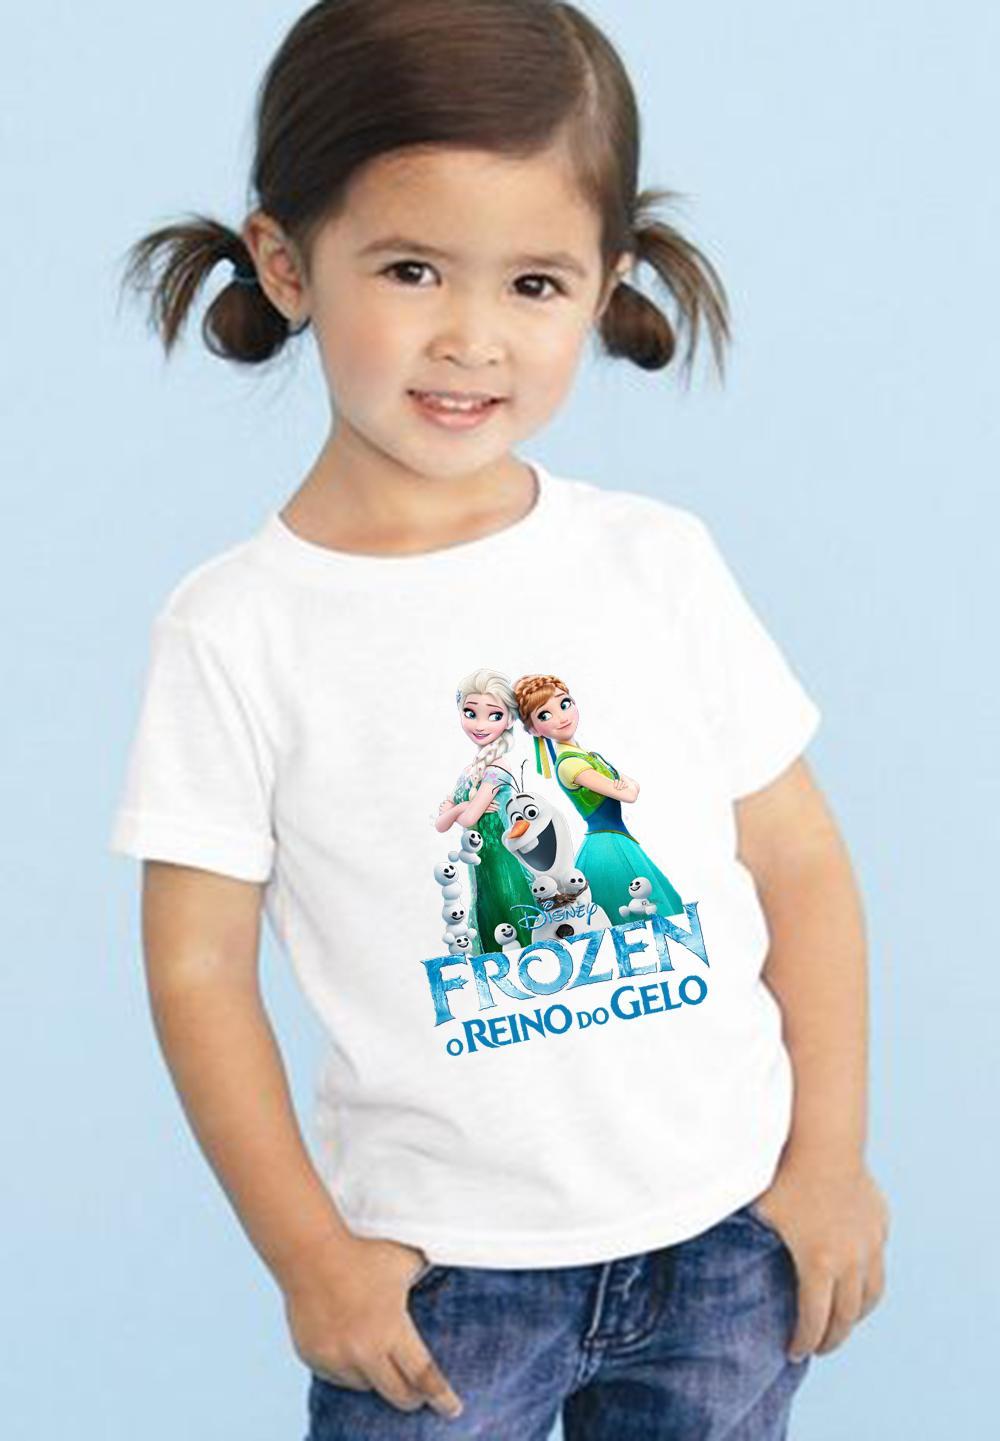 Áo Thun bé gái chất liệu mềm mịn thoáng mát 13 Baby Shop-102